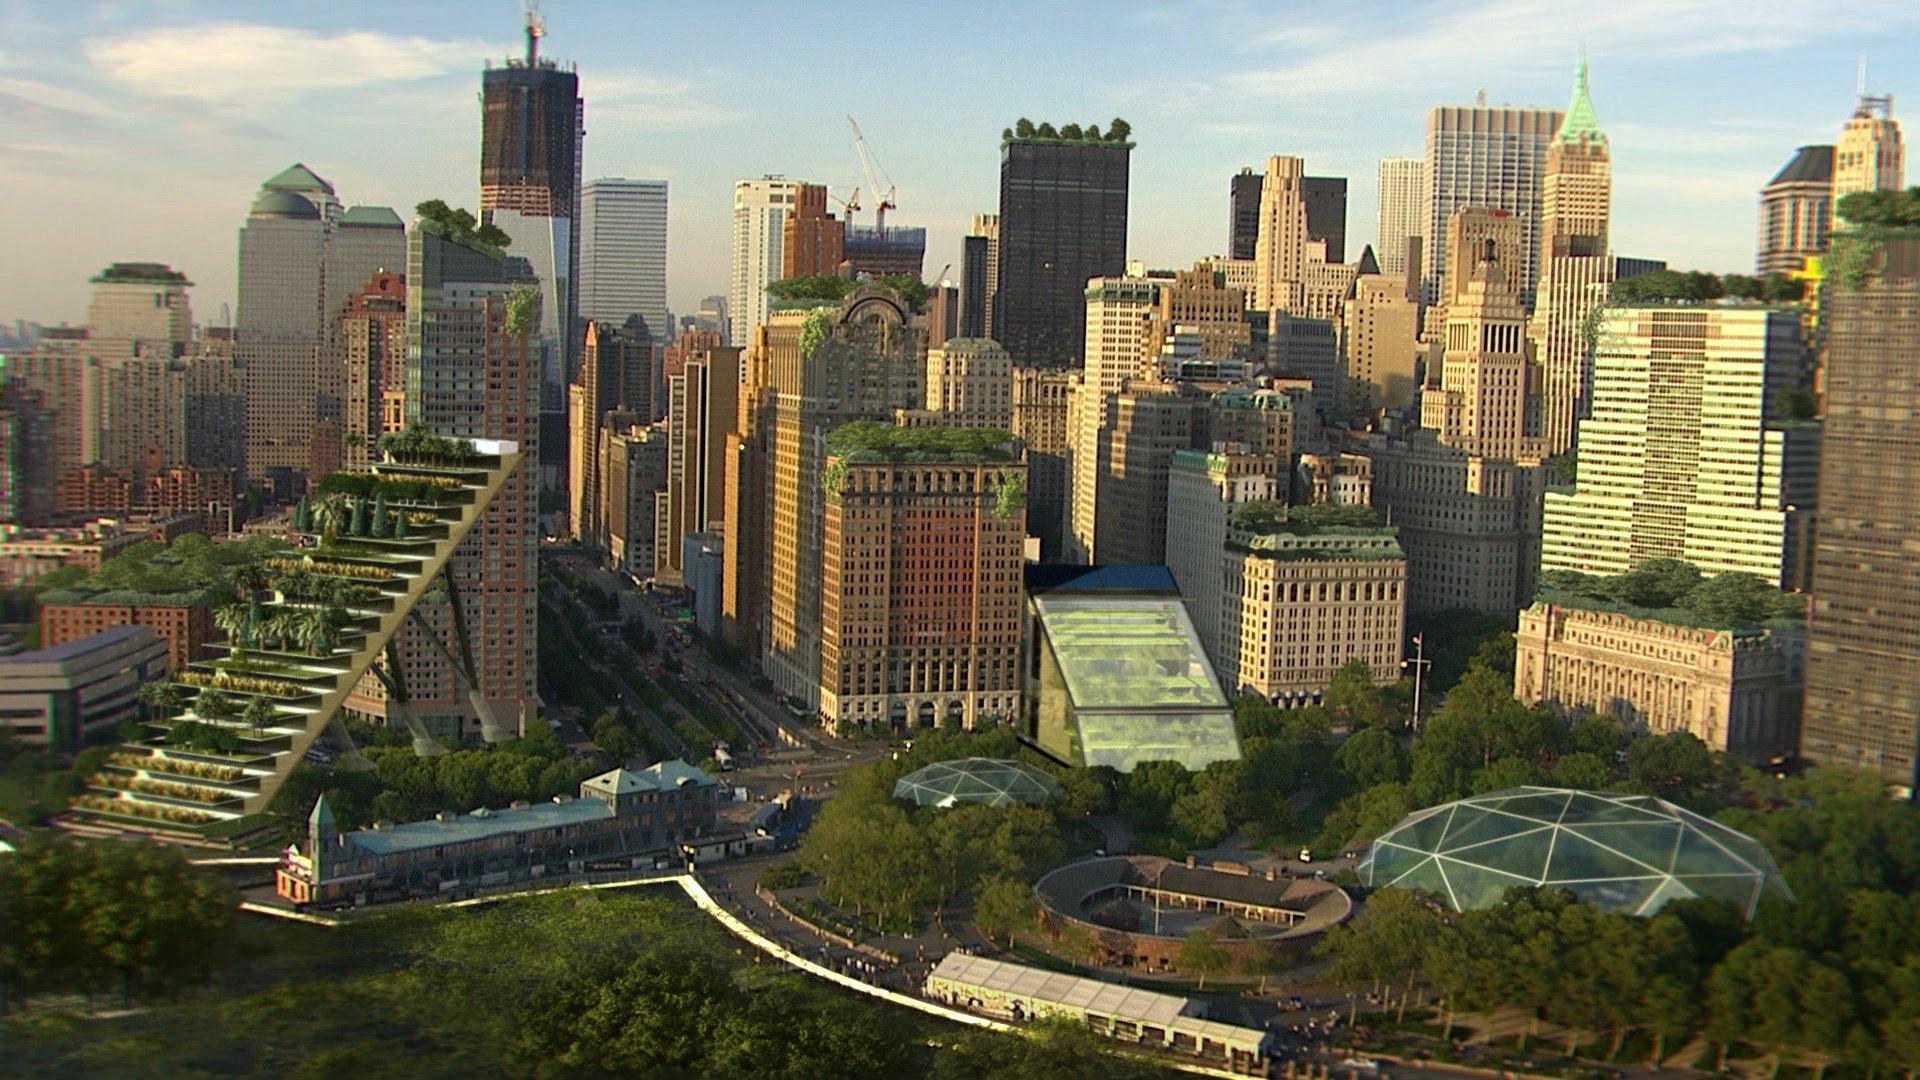 โลกหลากมิติ - เนโทรโปรลิส ตอน นิวยอร์ก ปฏิวัติเพื่อสิ่งแวดล้อม